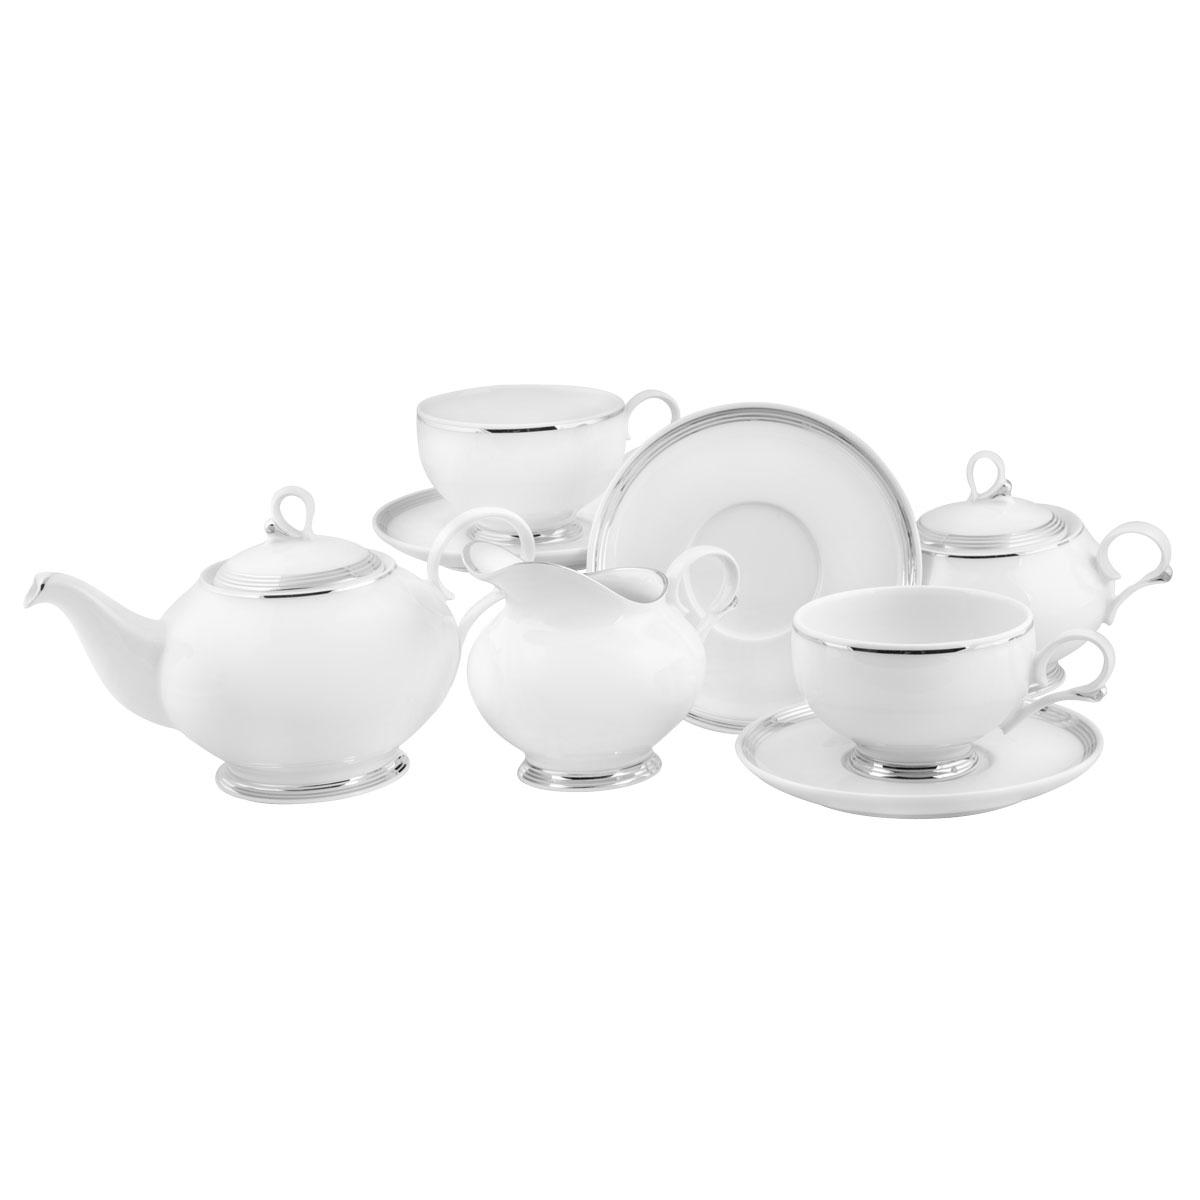 Сервиз чайный Башфарфор Серебряная нить, 15 предметовVT-1520(SR)Сервиз чайный из белого фарфора рассчитан на 6 персон. Тонкий белый фарфор украшен серебрянным орнаментом. Удобная, практичная, легкая посуда, подходит и для особых случаев и на каждый день.В состав набора входит: чашка 250мл 6 шт, блюдце 14,5см 6 шт, сахарница 300мл 1шт, чайник 600мл 1 шт, Молочник 250мл 1шт.